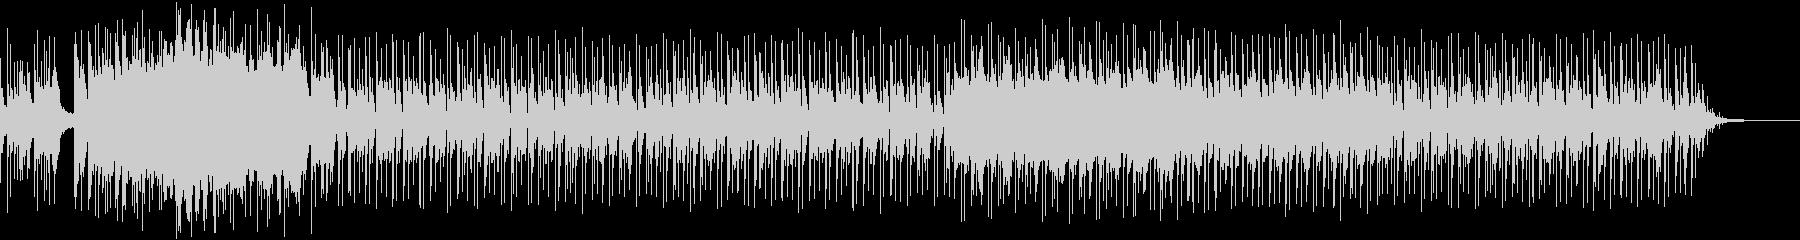 ムソルグスキー 組曲「展覧会の絵」5の未再生の波形